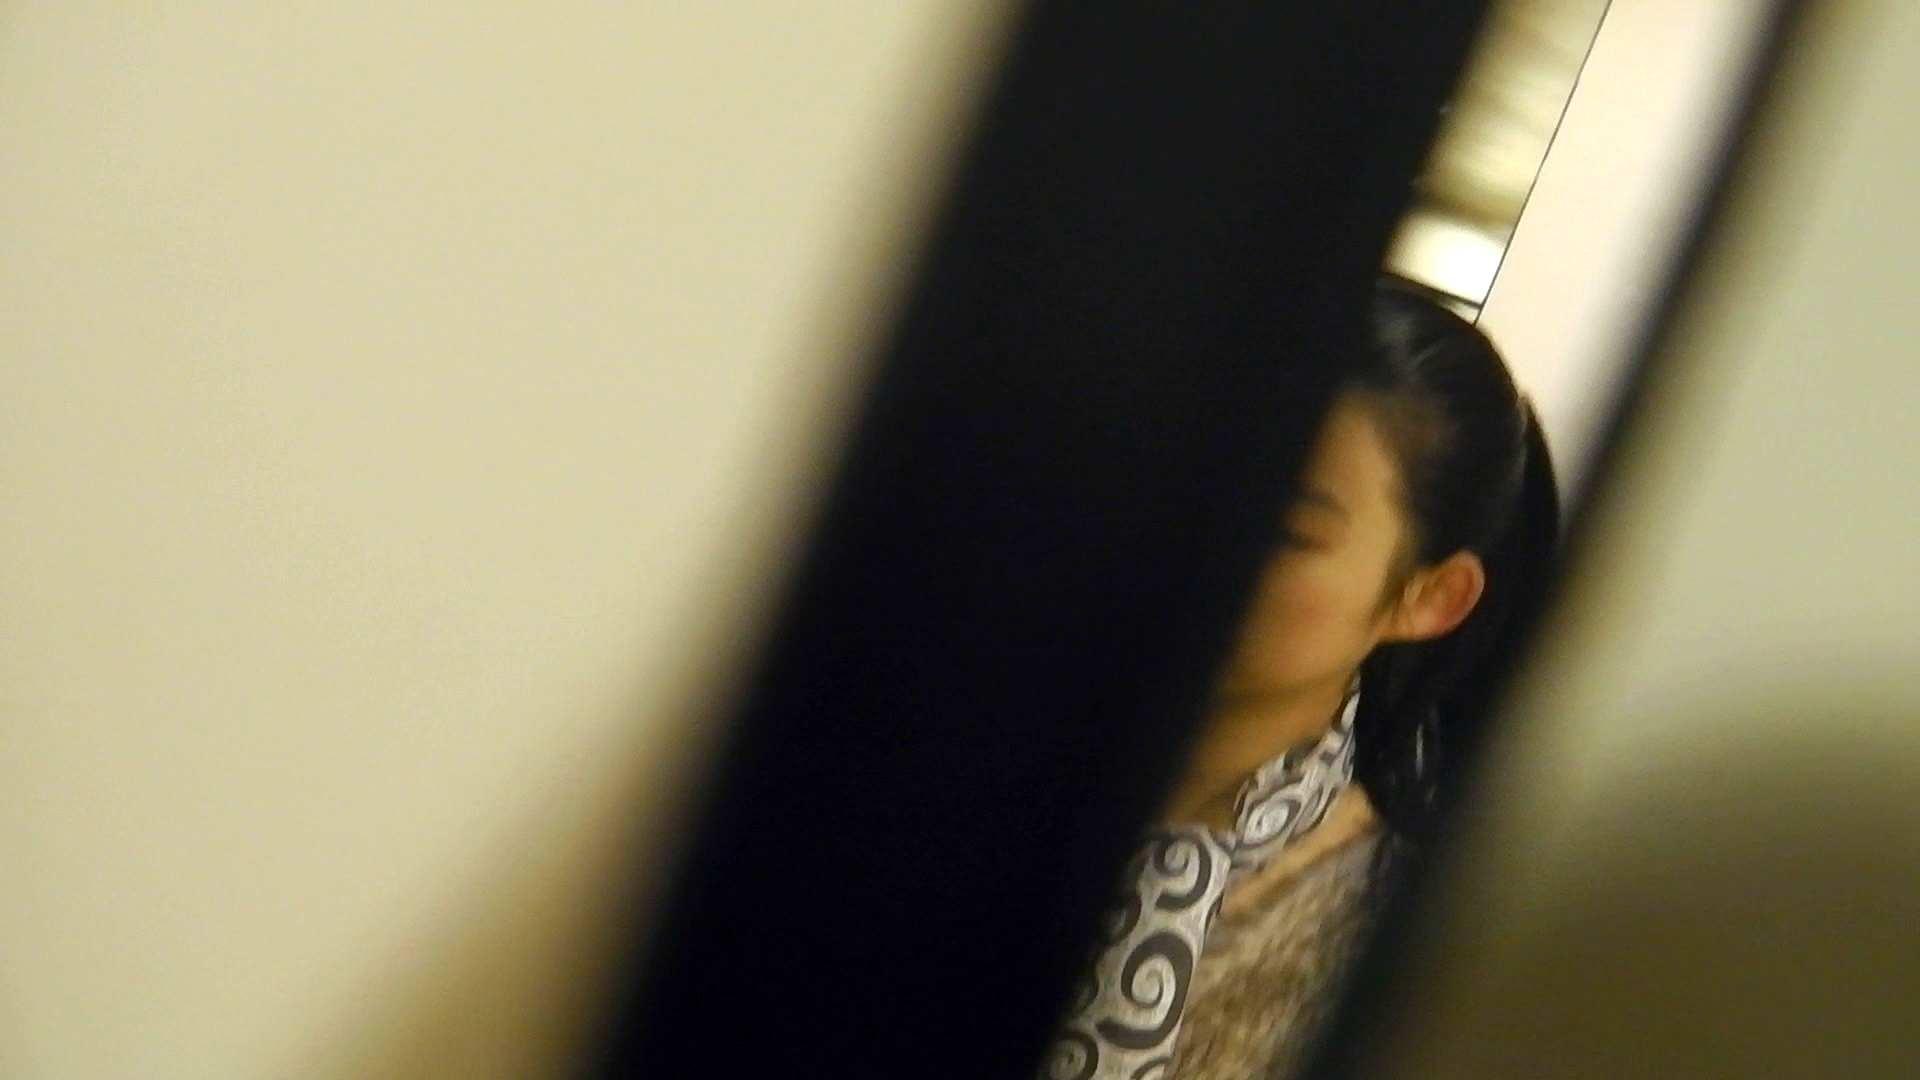 世界の射窓から vol.1 お姉さんのSEX AV無料動画キャプチャ 89枚 69